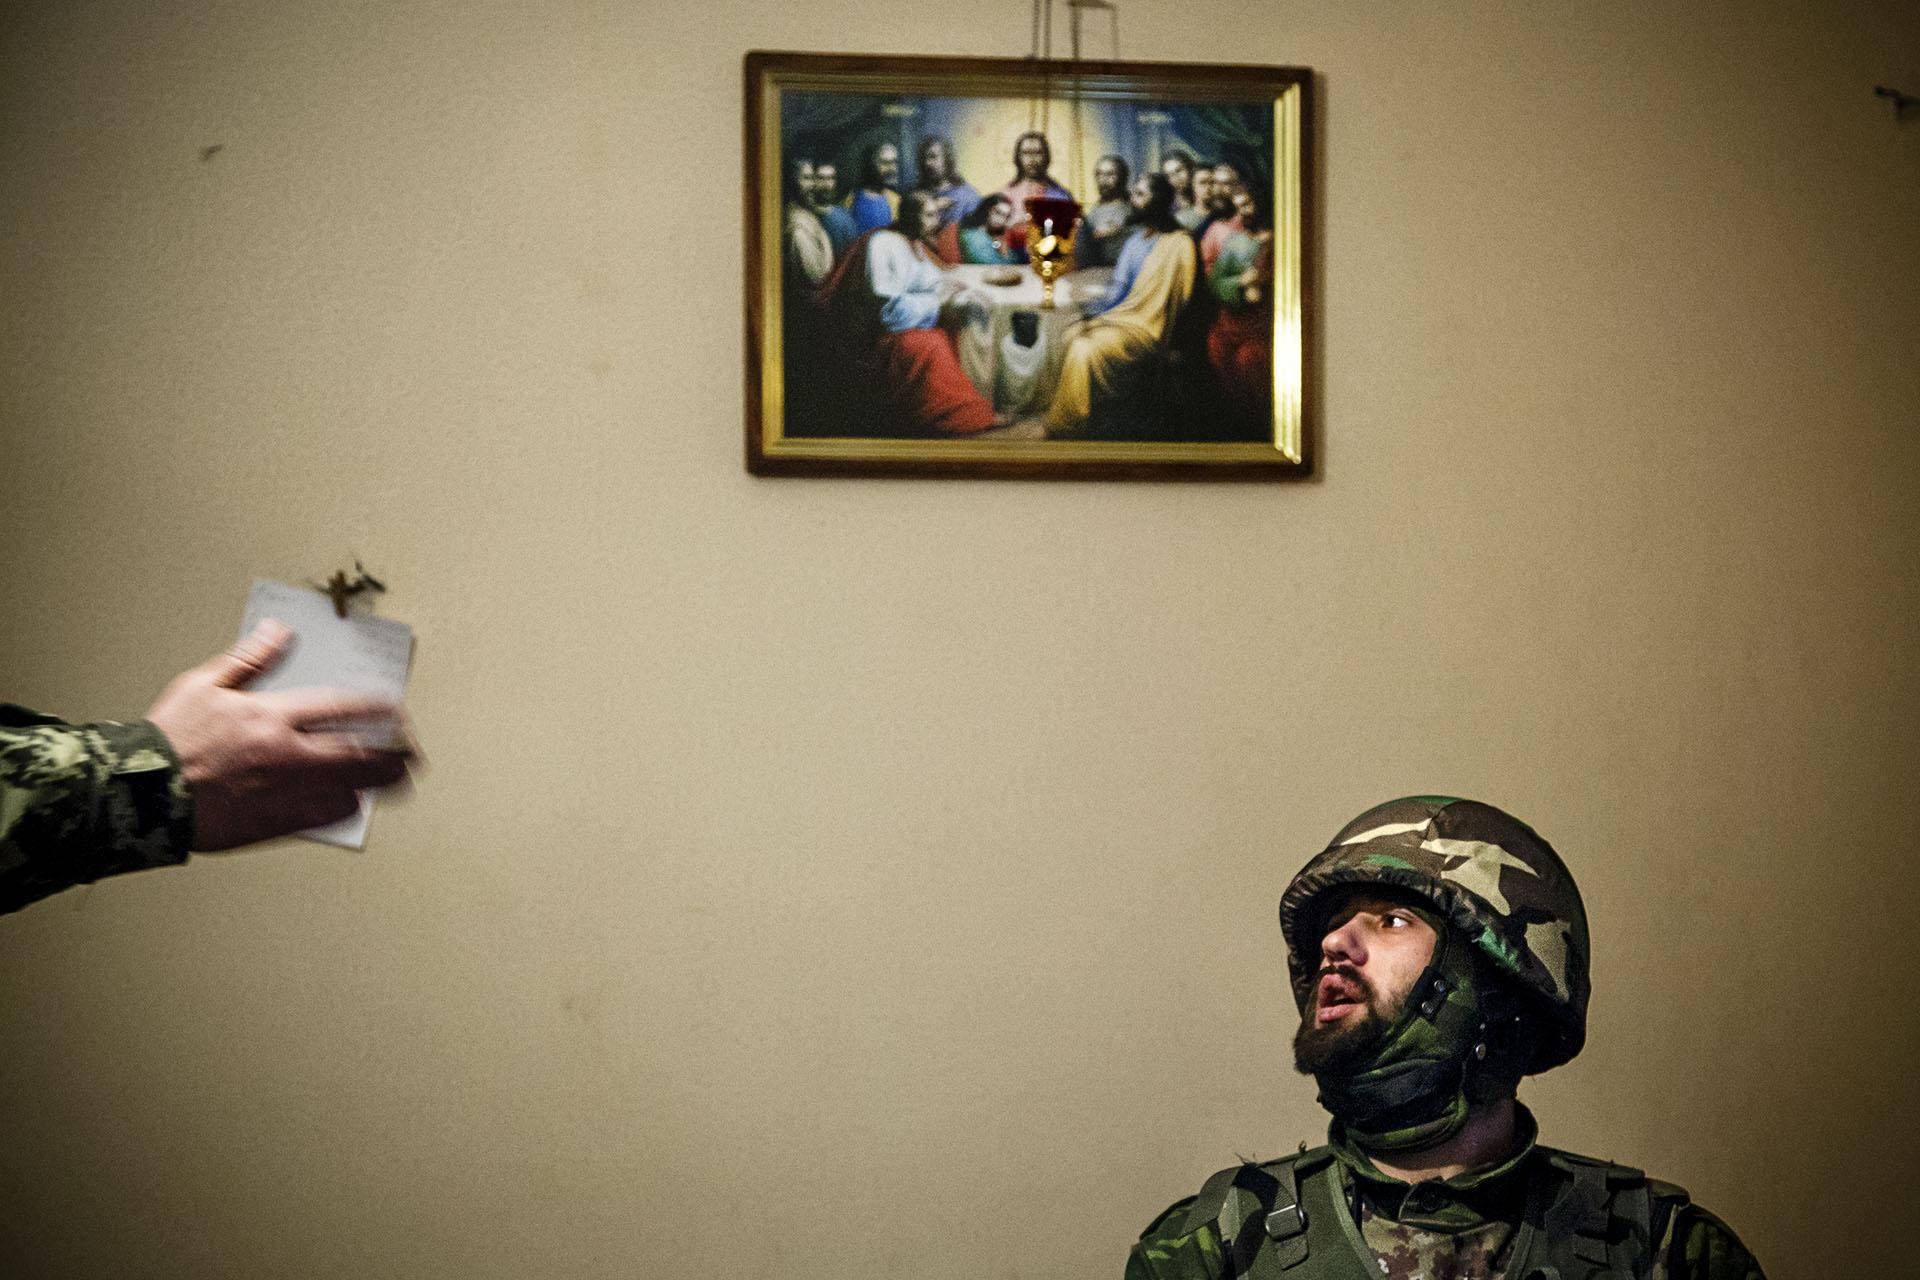 Un soldado se prepara antes de salir a cubrir su posición